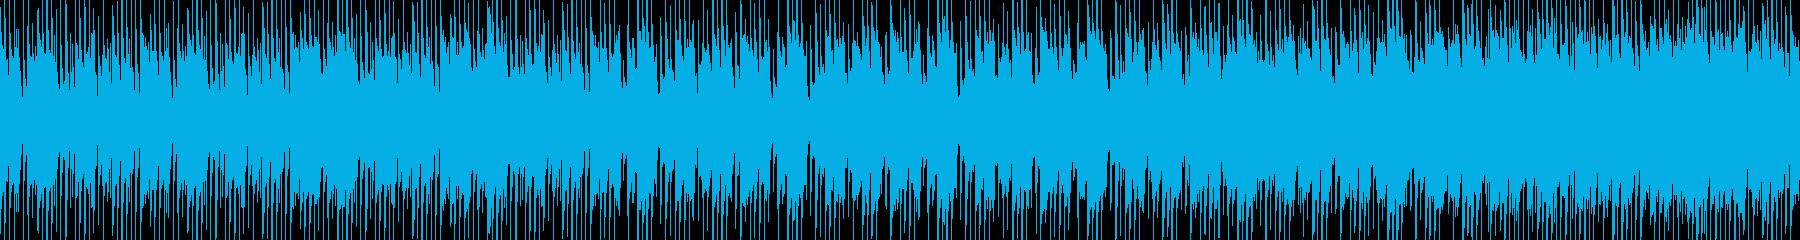 ラテン・ポップ・癖になるループ素材の再生済みの波形